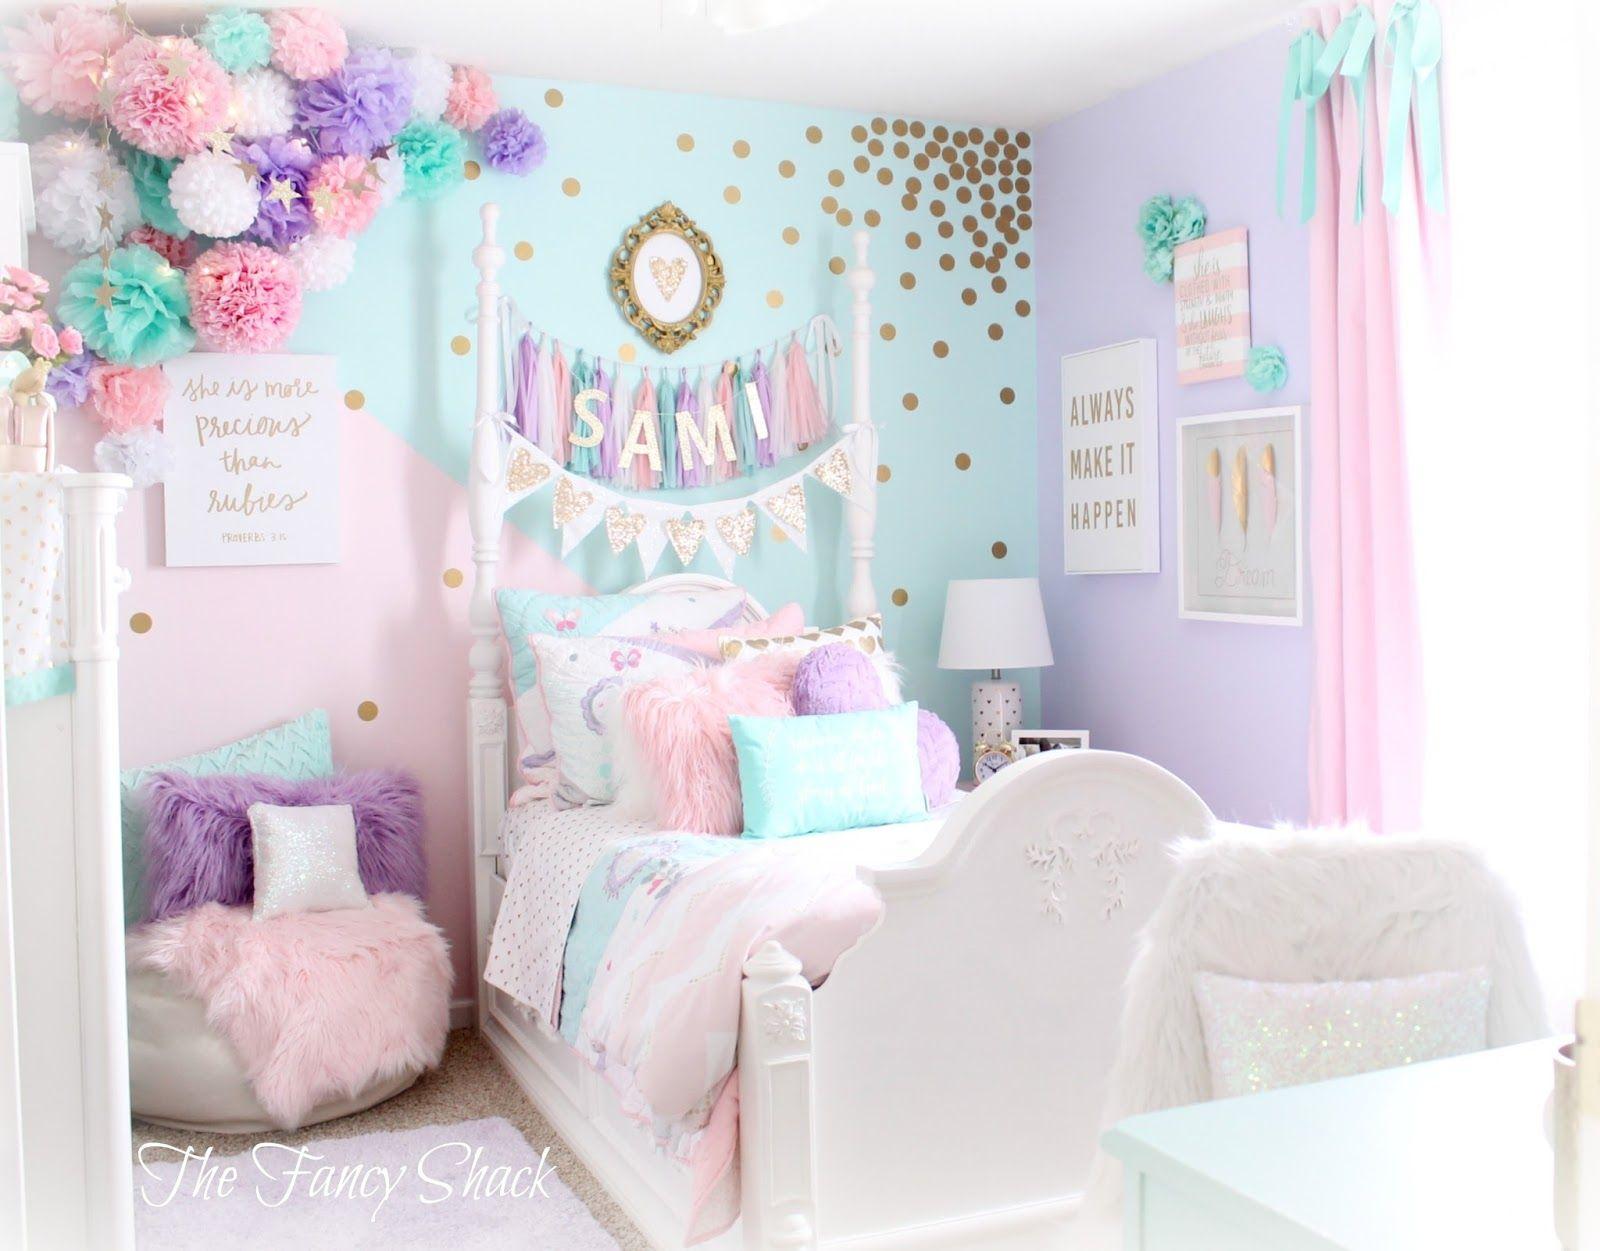 Binnenzinnig kunst en interieur icarly kamer voor make a wish